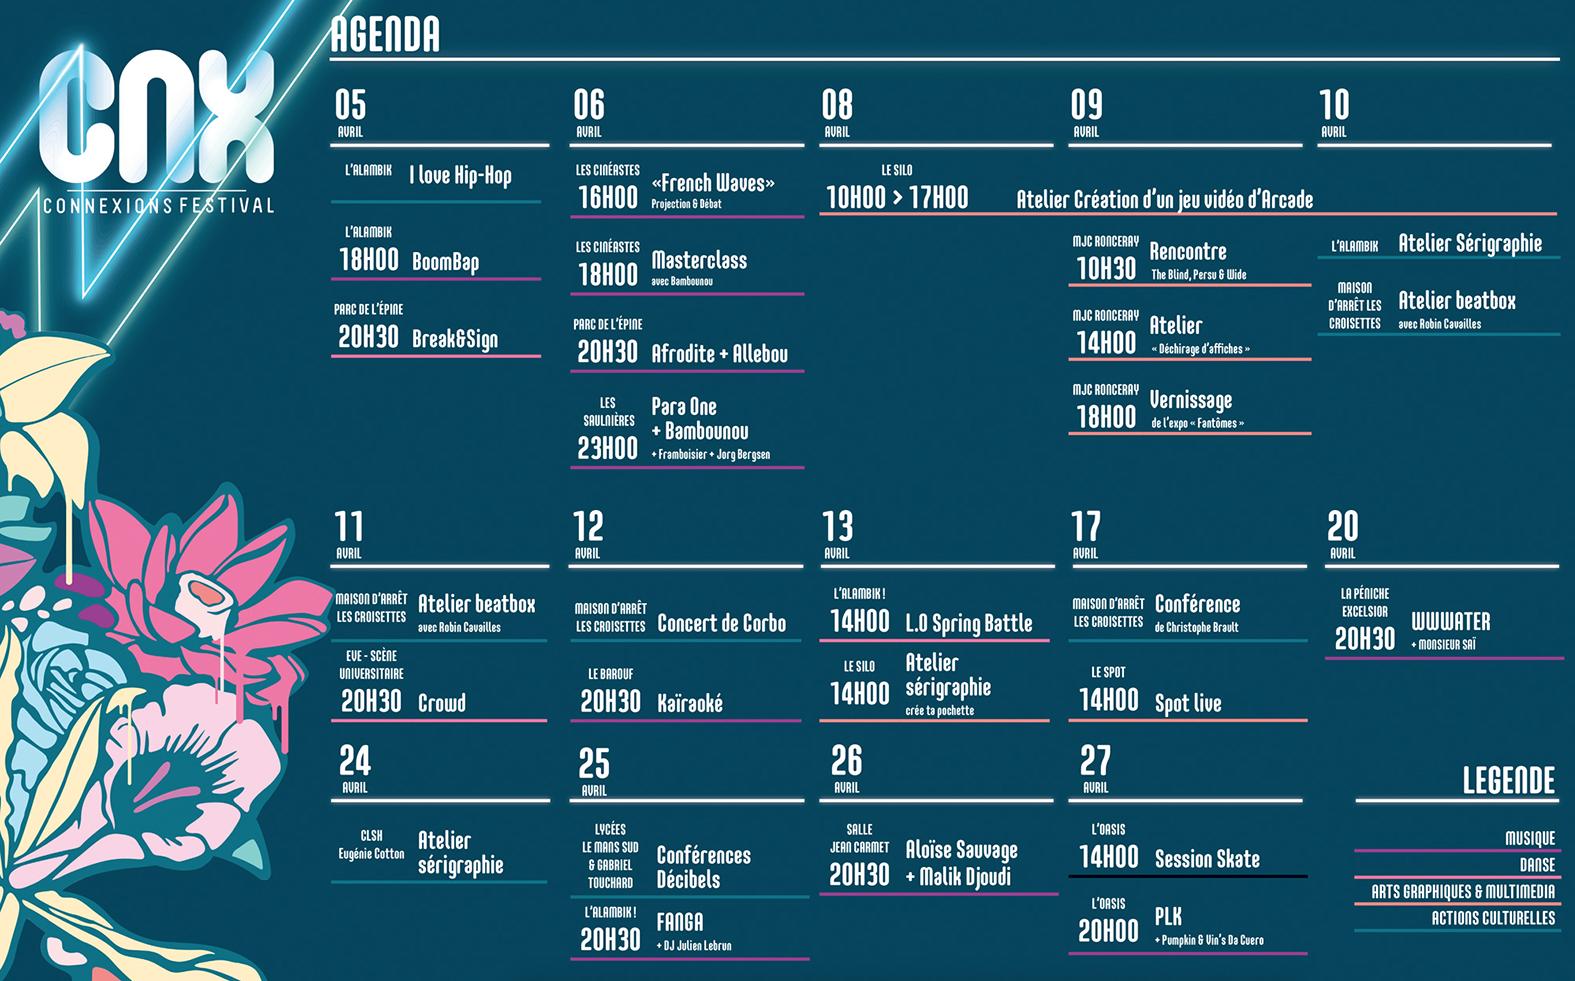 Nerone-cnx-festival-graphic-design 2